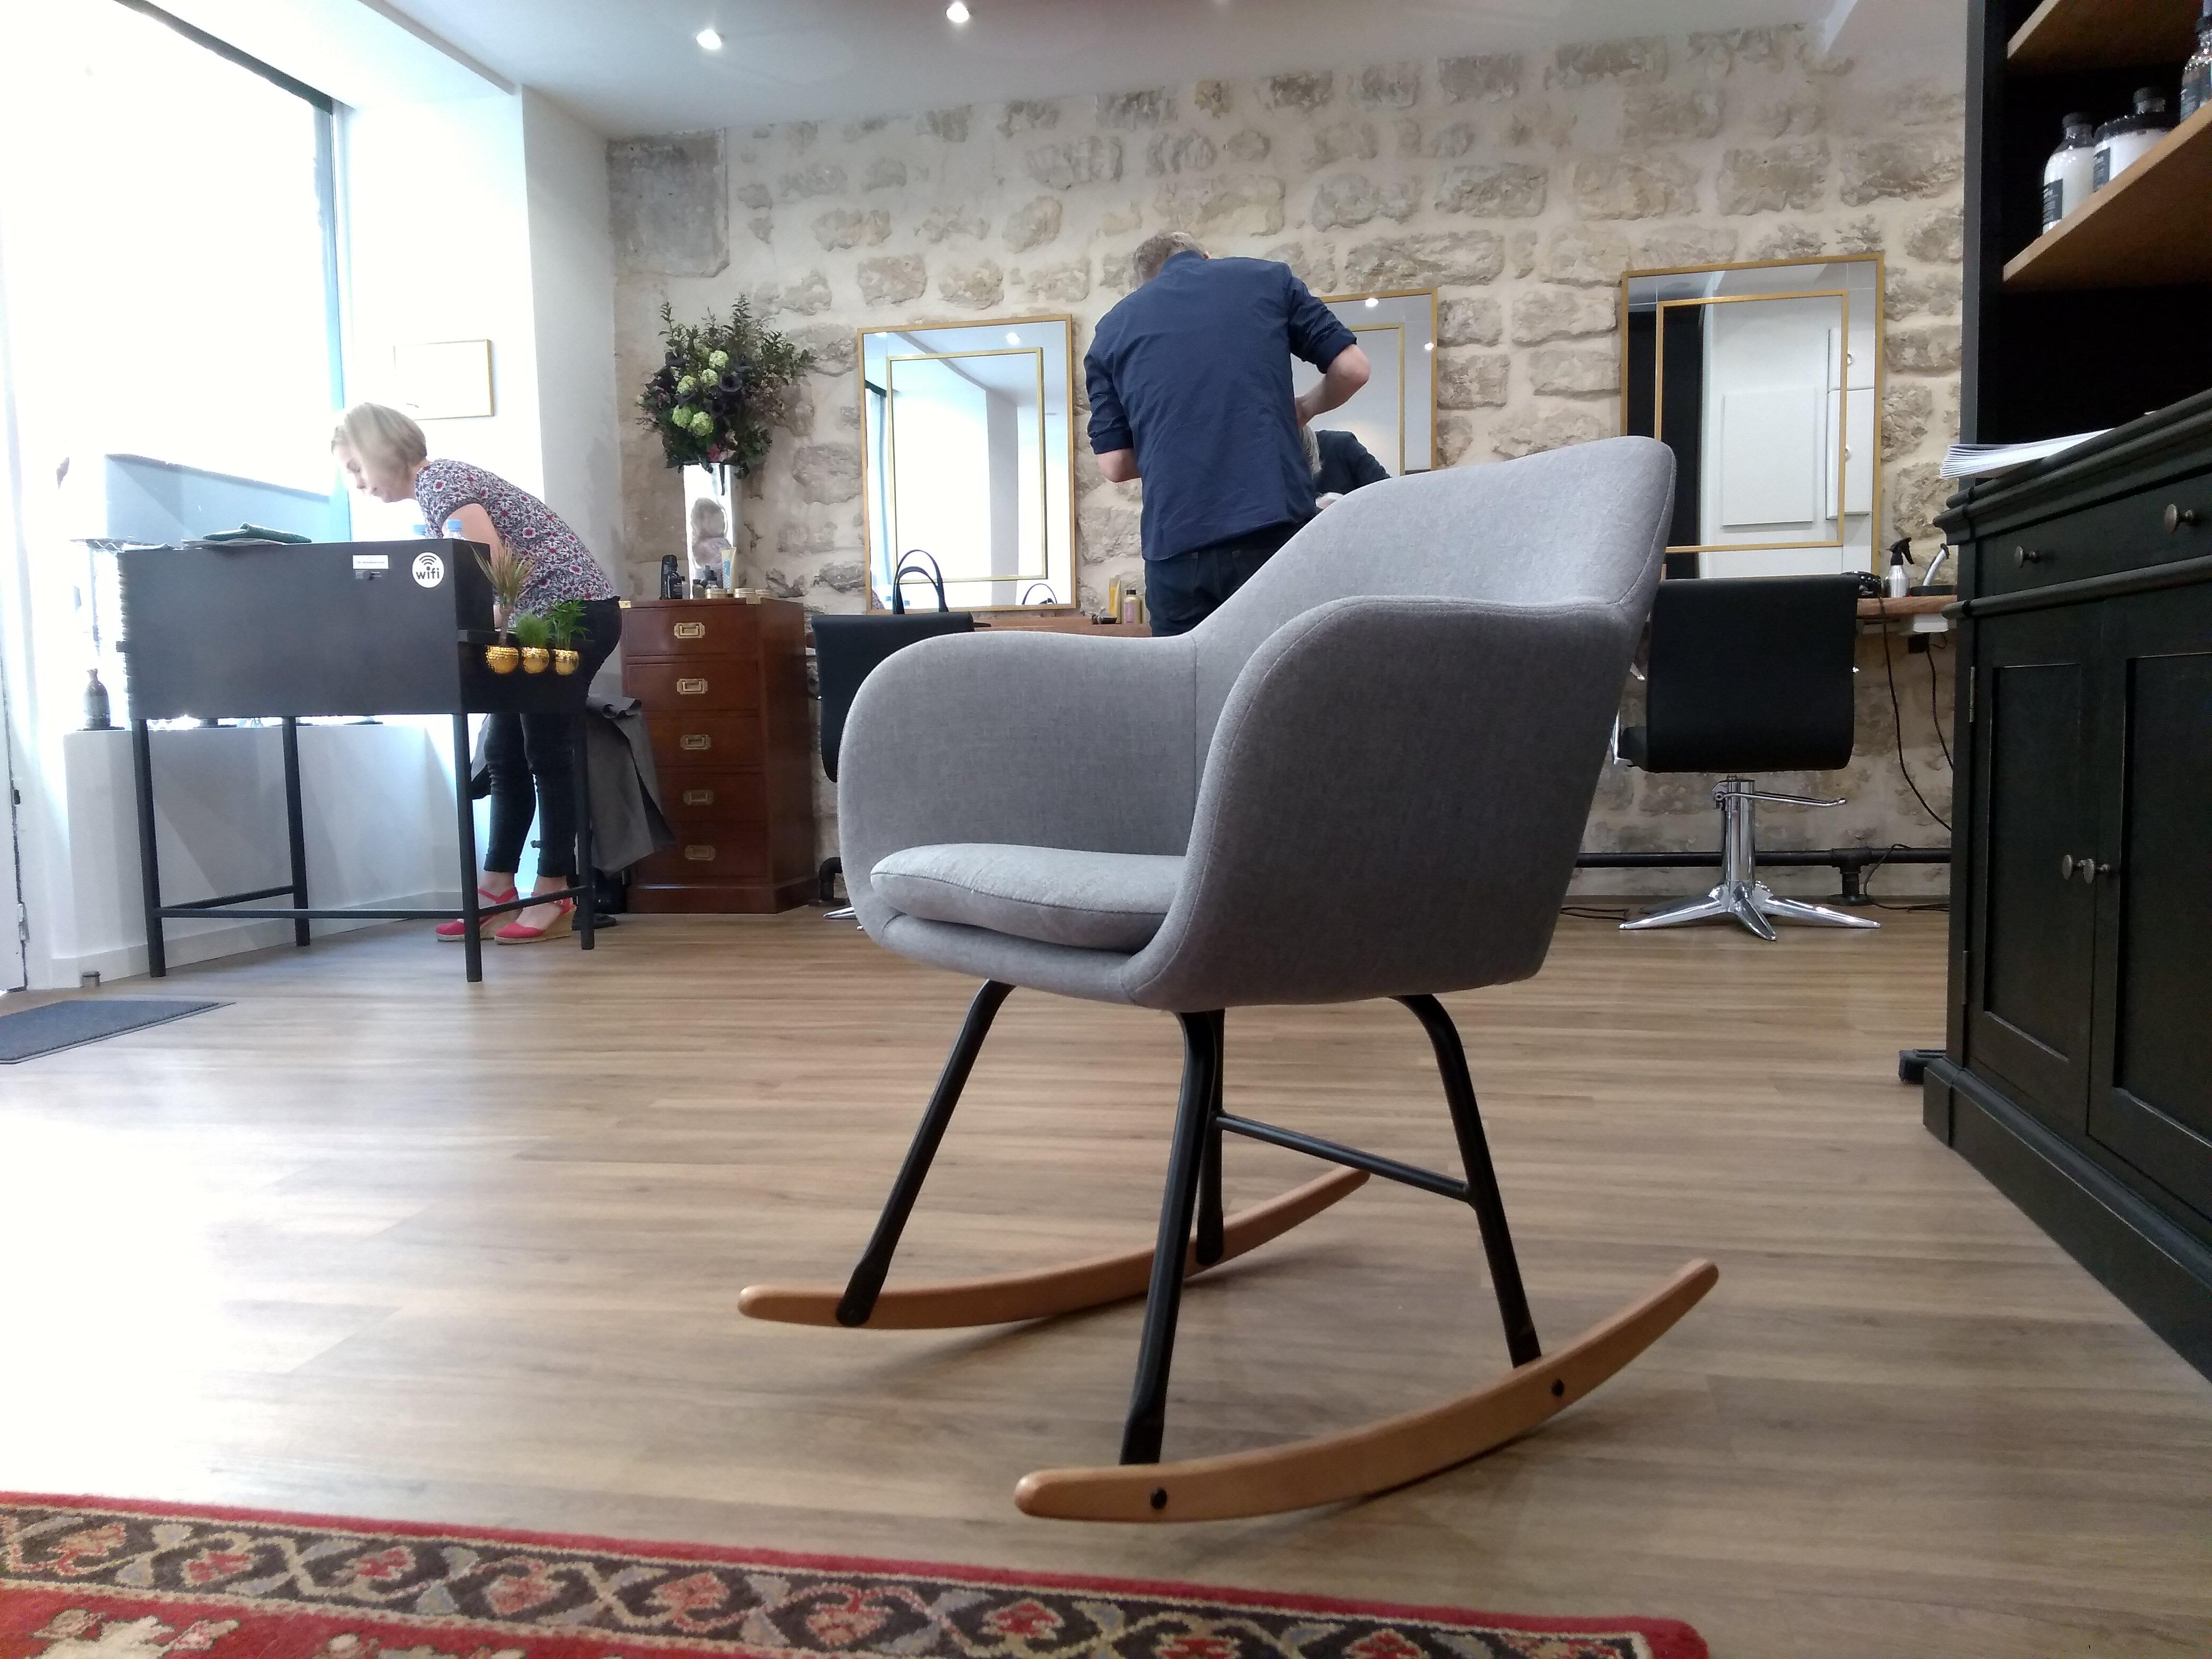 salon salon jardin mundo de oz meilleures id es pour la conception et l 39 ameublement du jardin. Black Bedroom Furniture Sets. Home Design Ideas